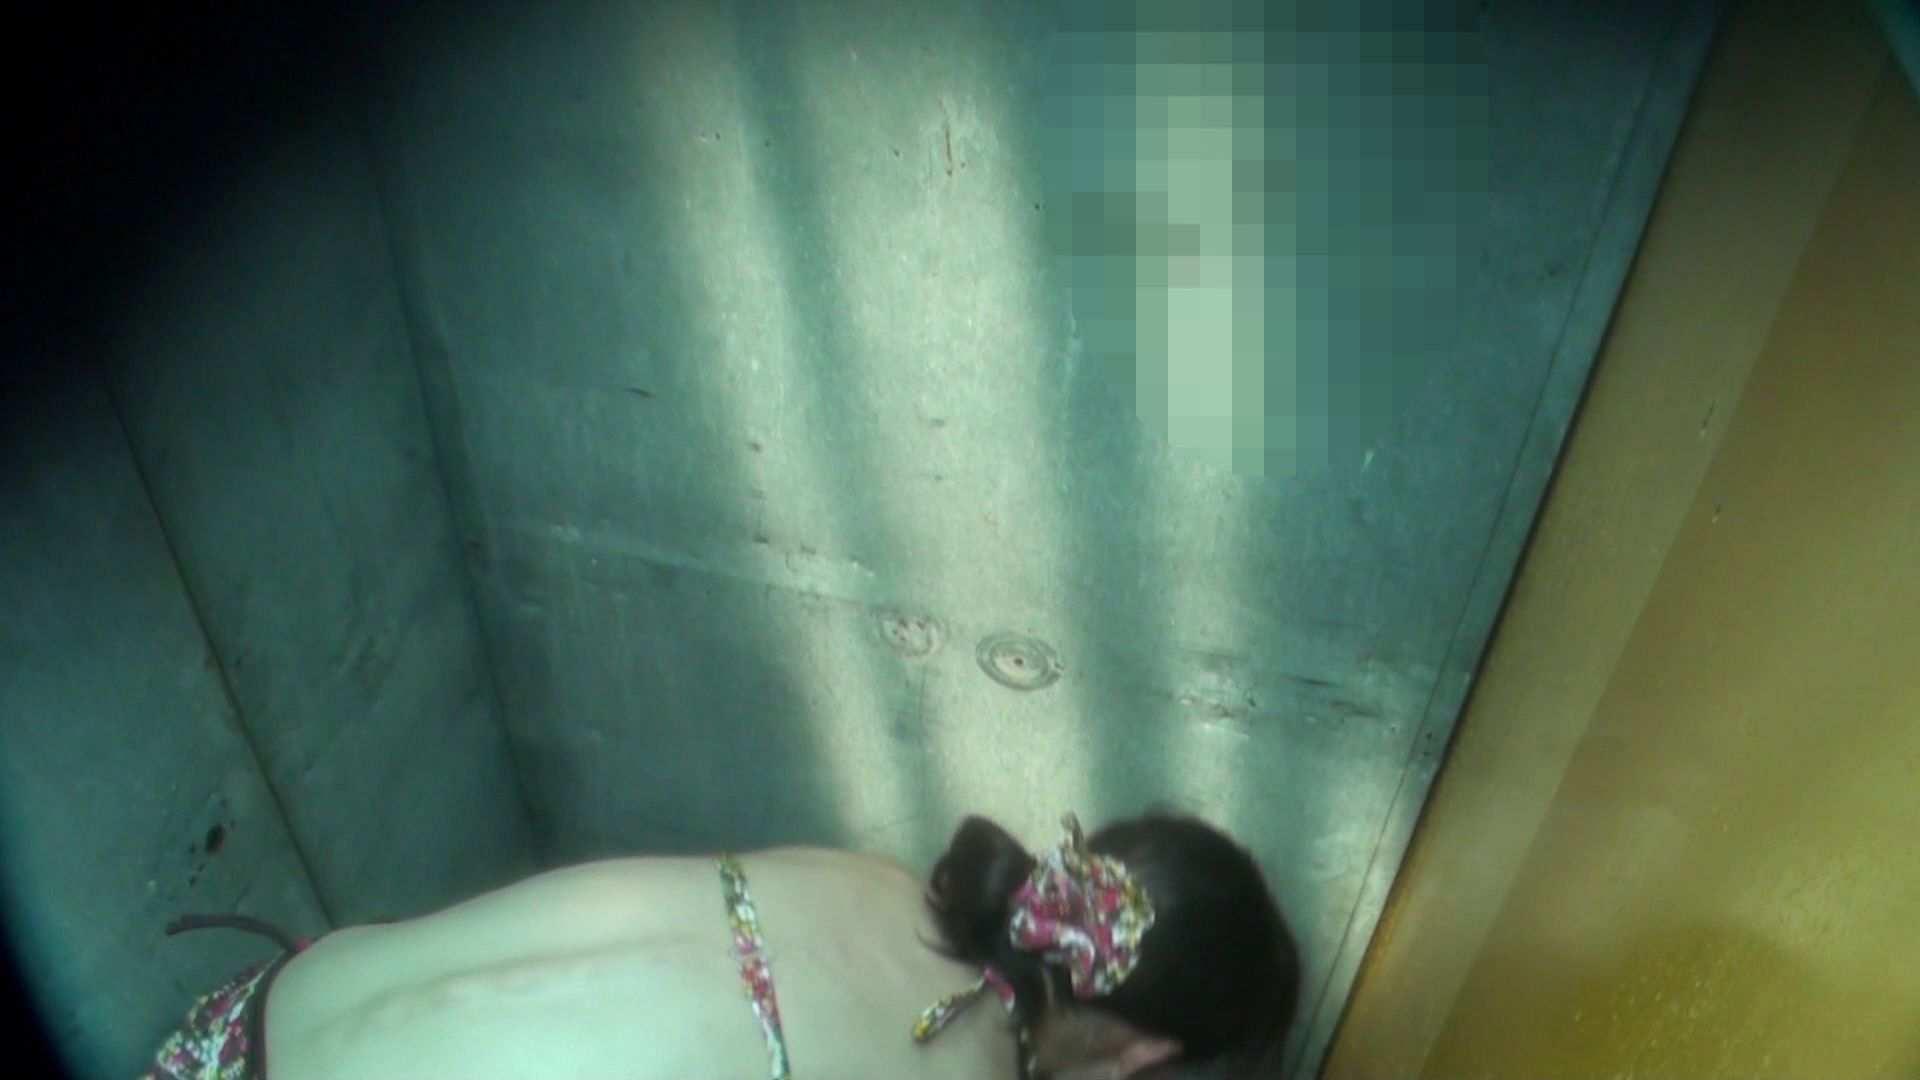 シャワールームは超!!危険な香りVol.16 意外に乳首は年増のそれ 高画質  44連発 4